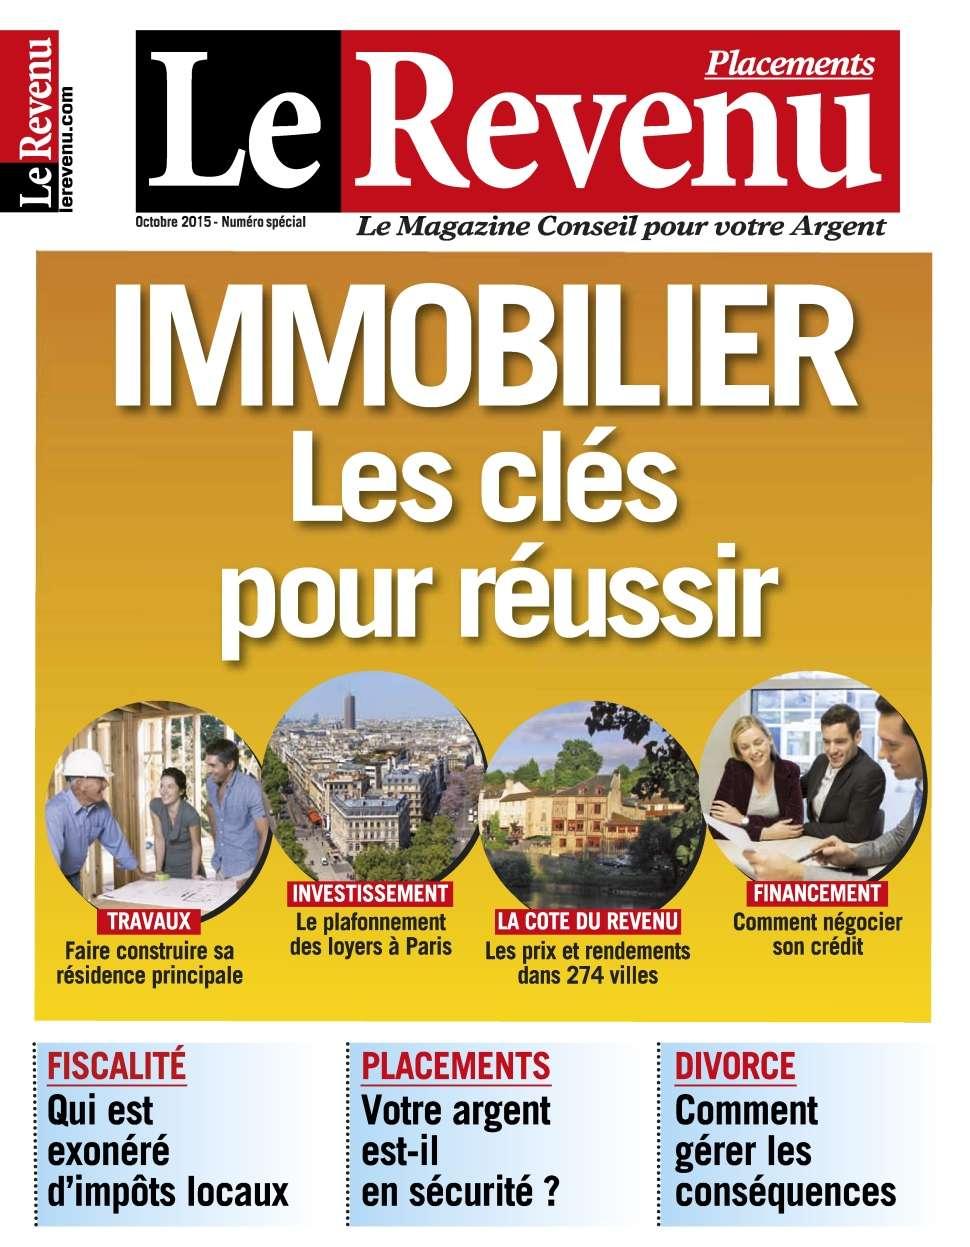 Le Revenu Placements 154 - Octobre 2015